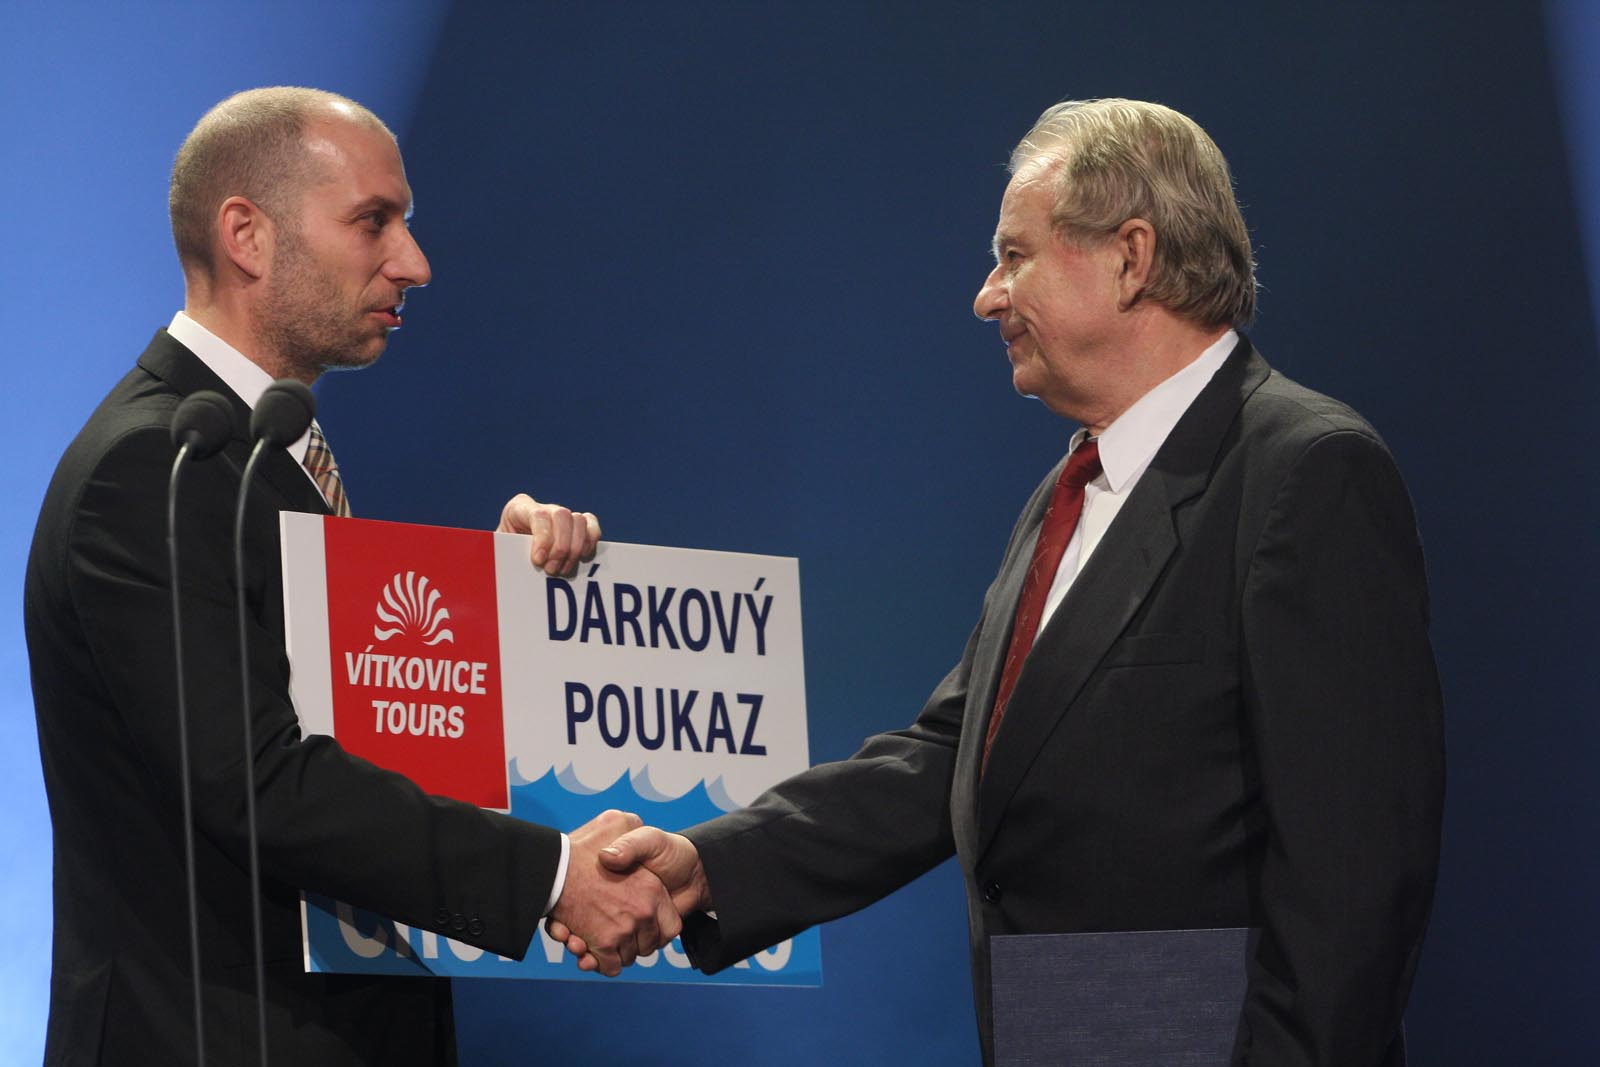 předání cestovního poukazu od CK Vítkovice Tours panu Karlovi Vaškovi - vyhlášení výsledků ankety Dobrovolní hasiči roku 2014